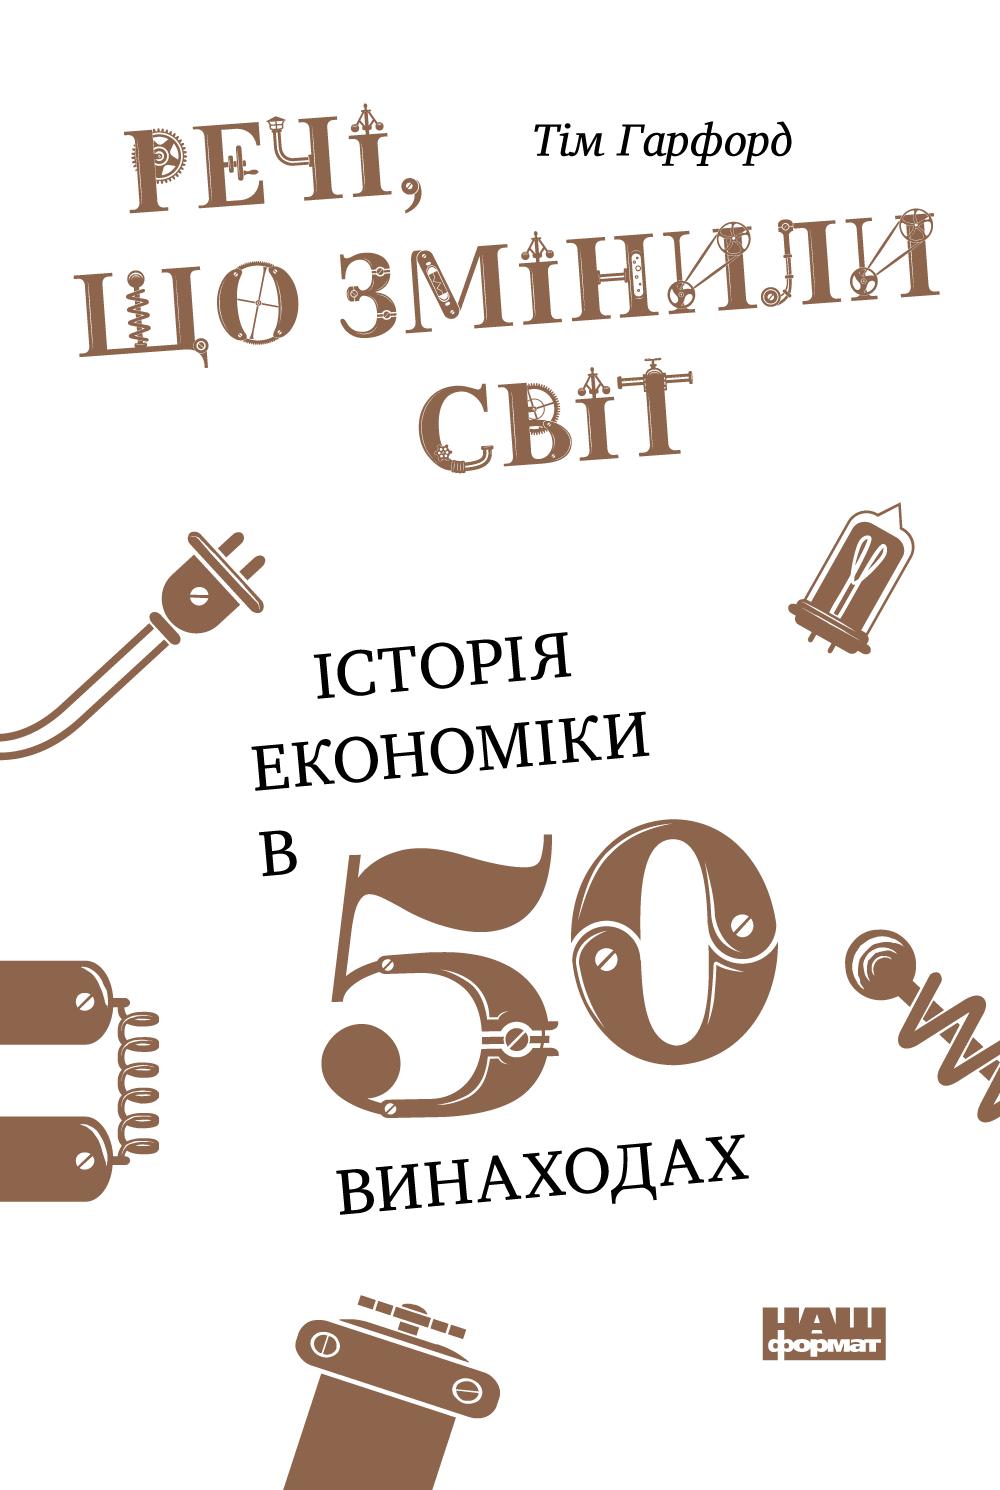 Тім Гарфорд Речі, що змінили світ. Історія економіки в 50 винаходах